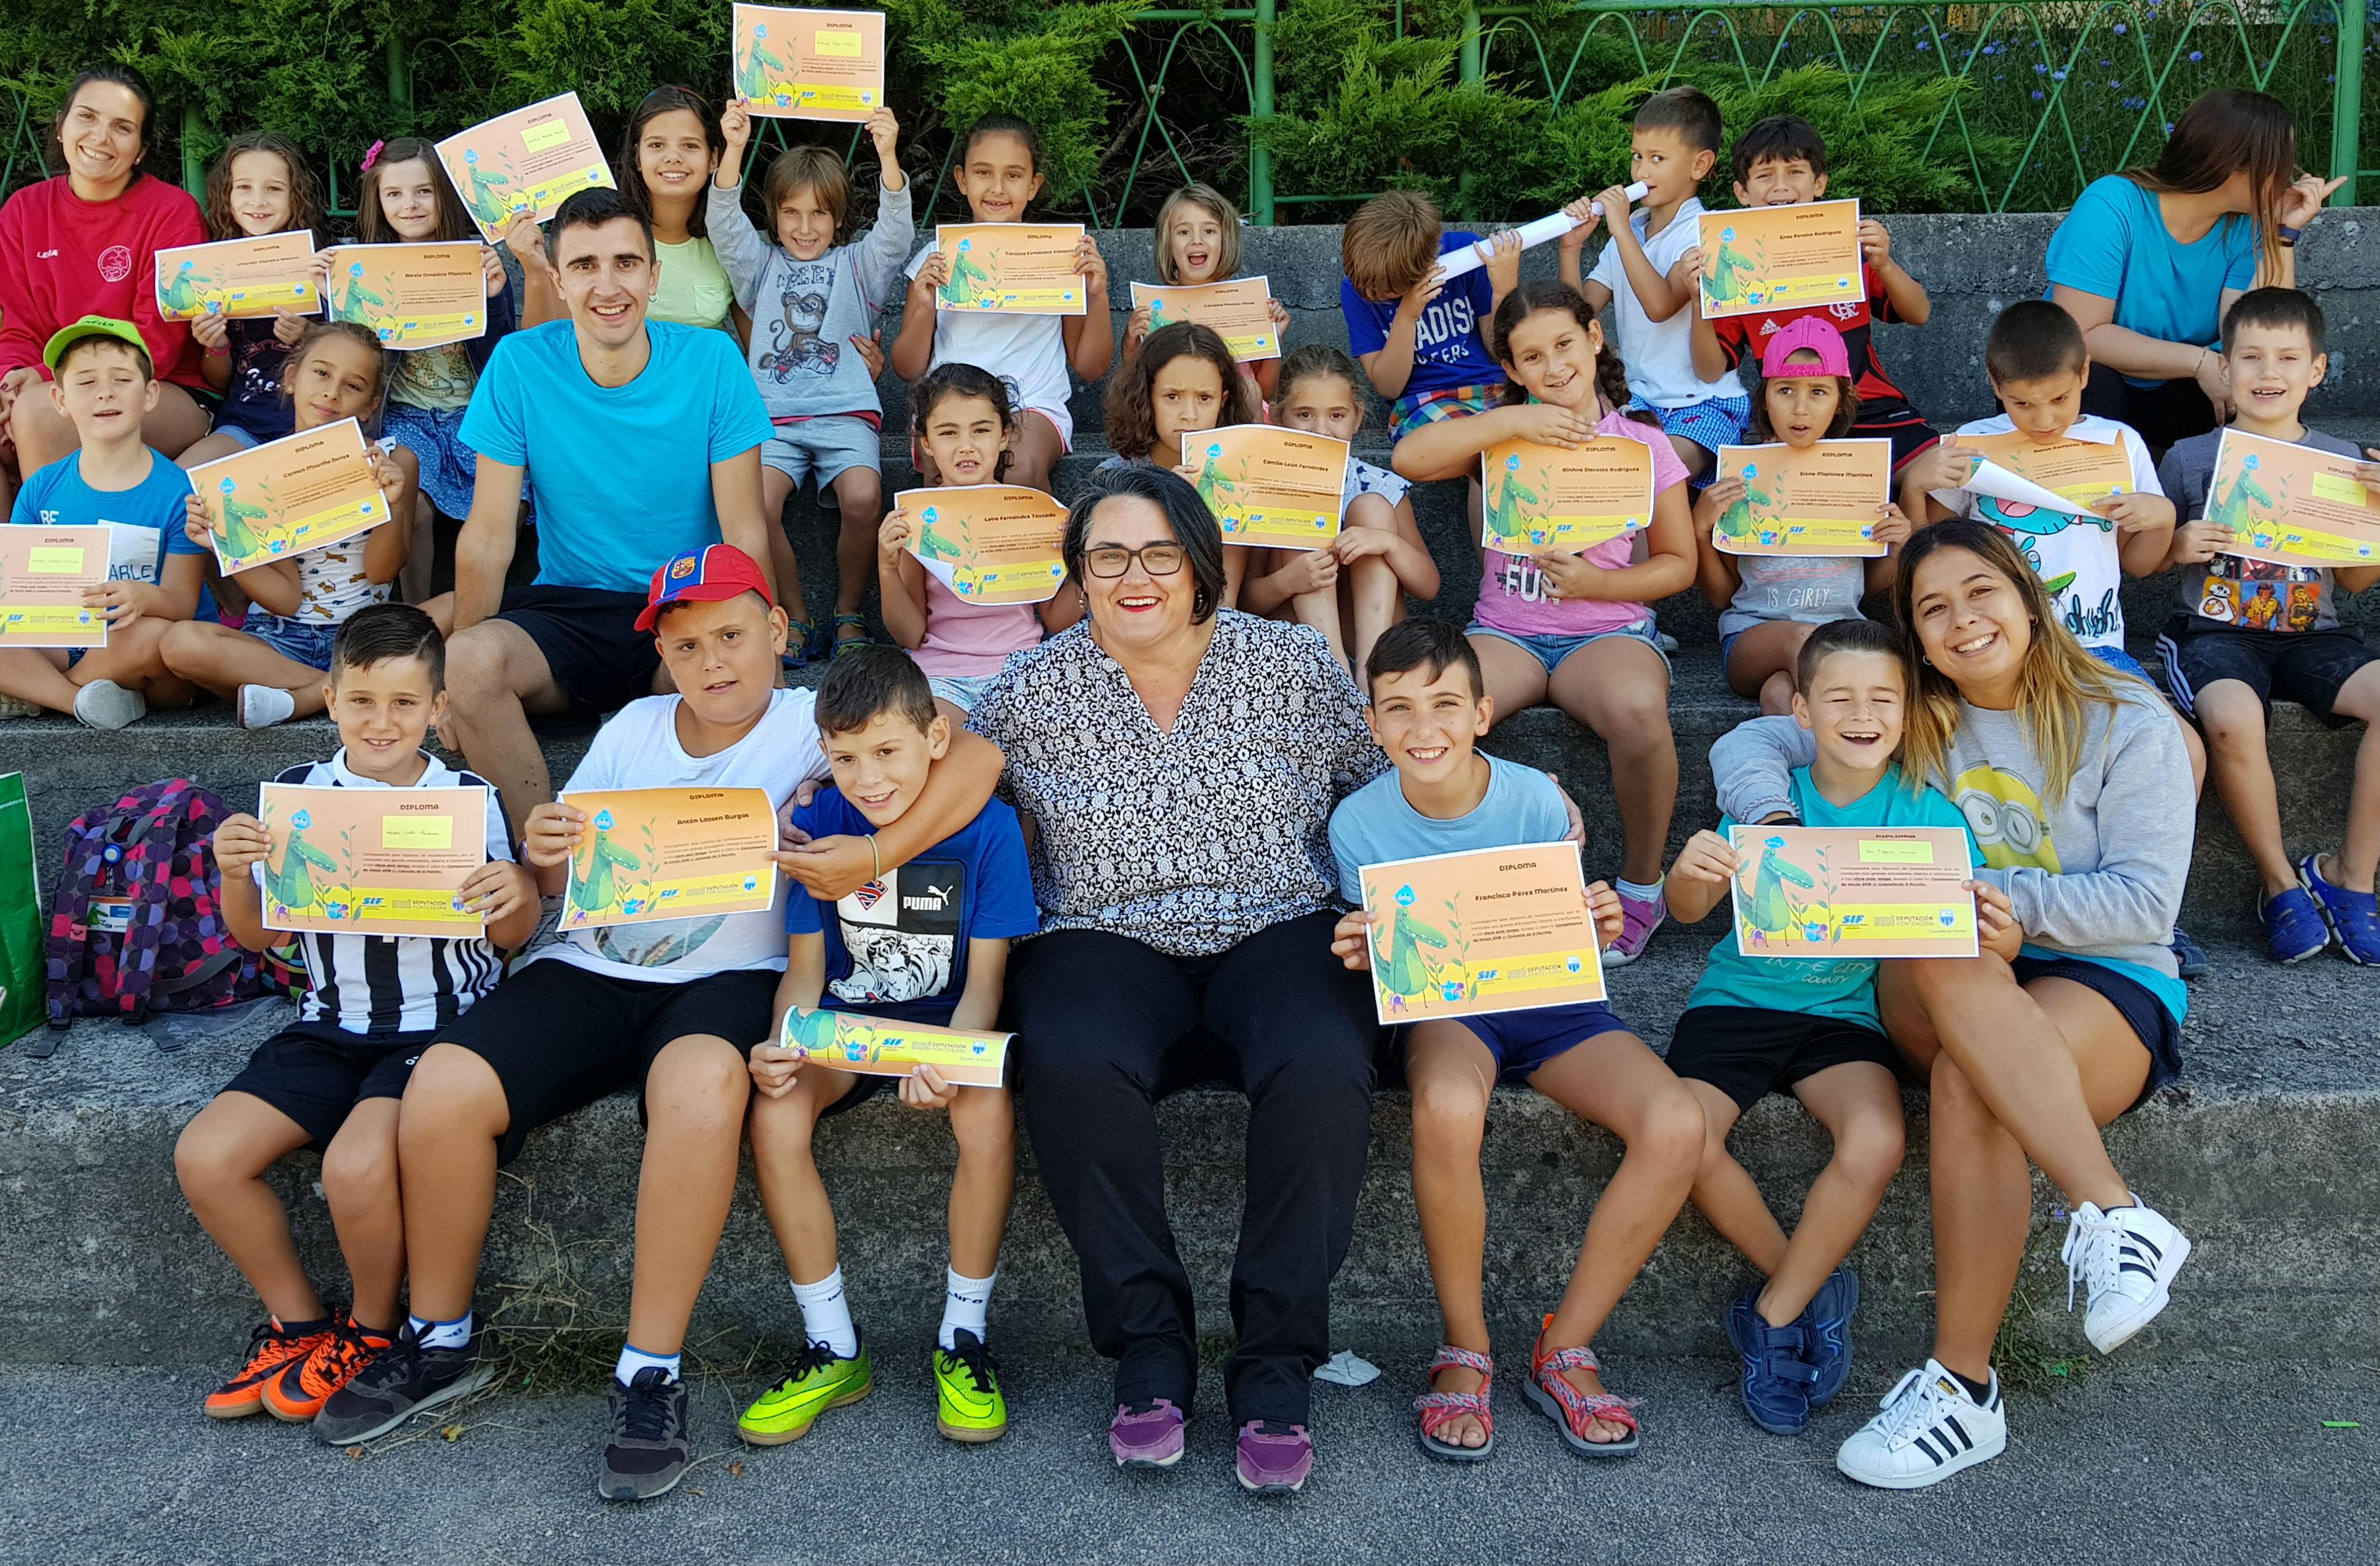 A concelleira de Igualdade e Benestar pecha os Campamentos de Verán, que este ano estiveron subvencionados pola Deputación de Pontevedra e nos que participaron 240 nenas e nenos do Porriño